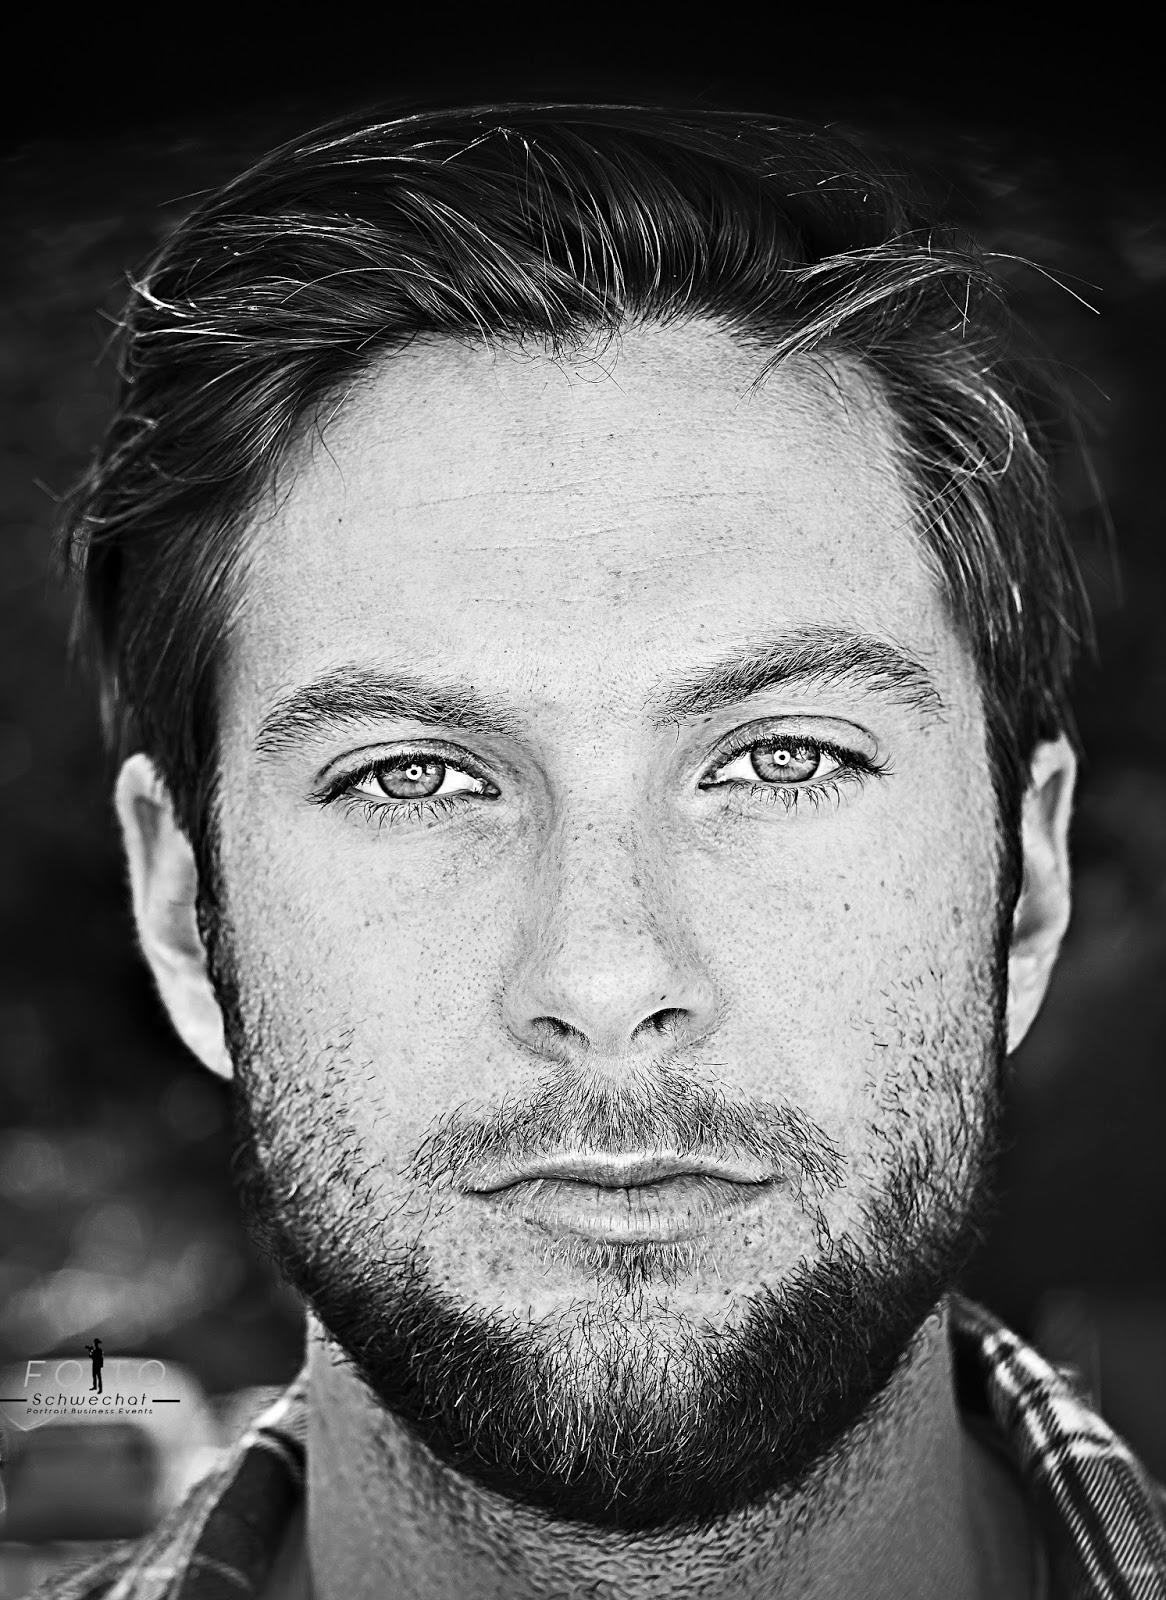 Model: Martin Lanscha